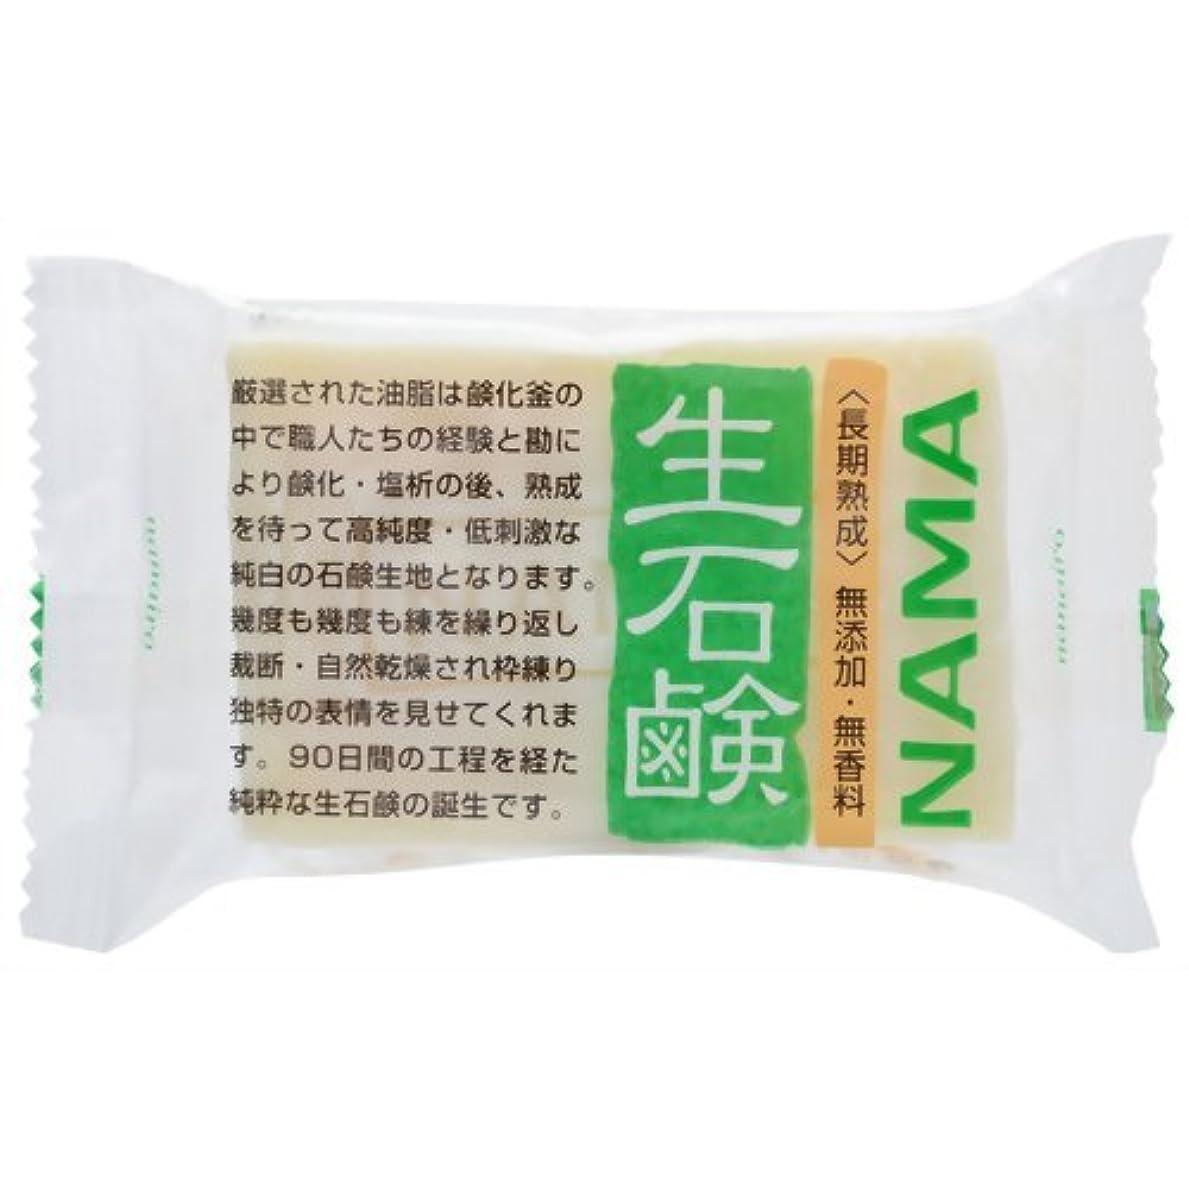 稚魚近所のふつう生石鹸NAMA 100g